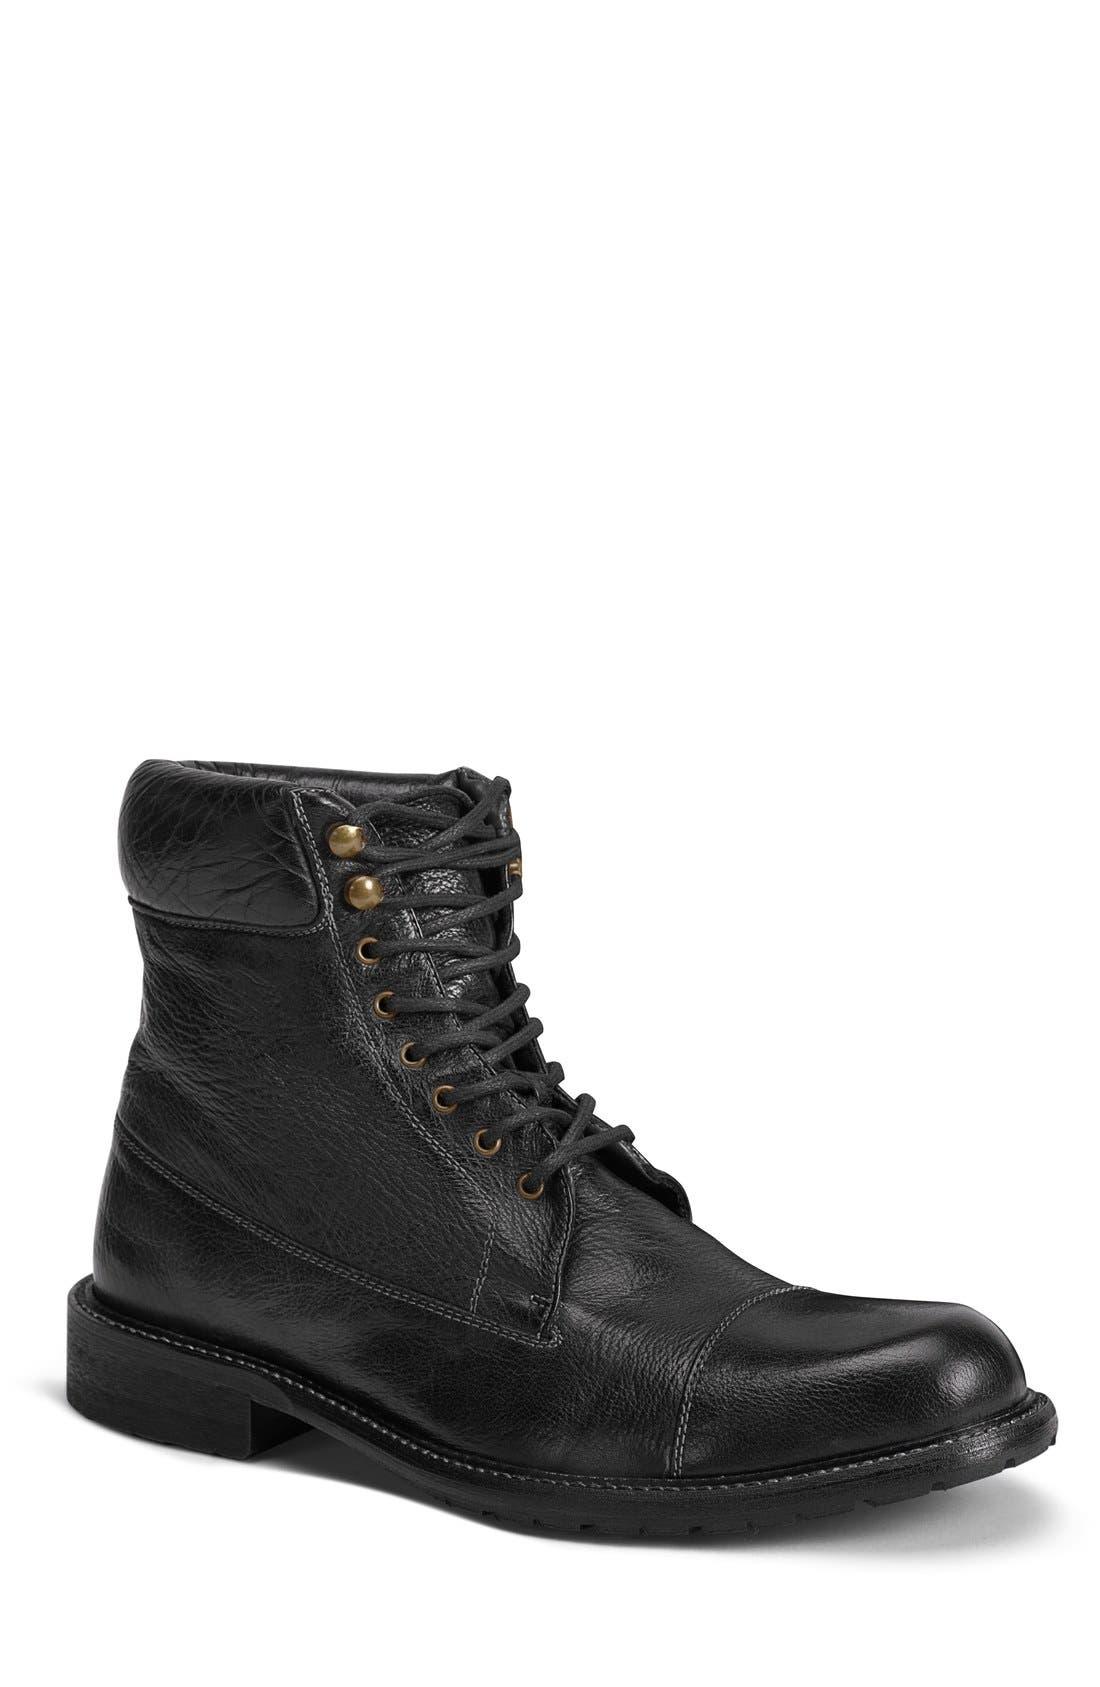 TRASK 'Ronan' Cap Toe Boot